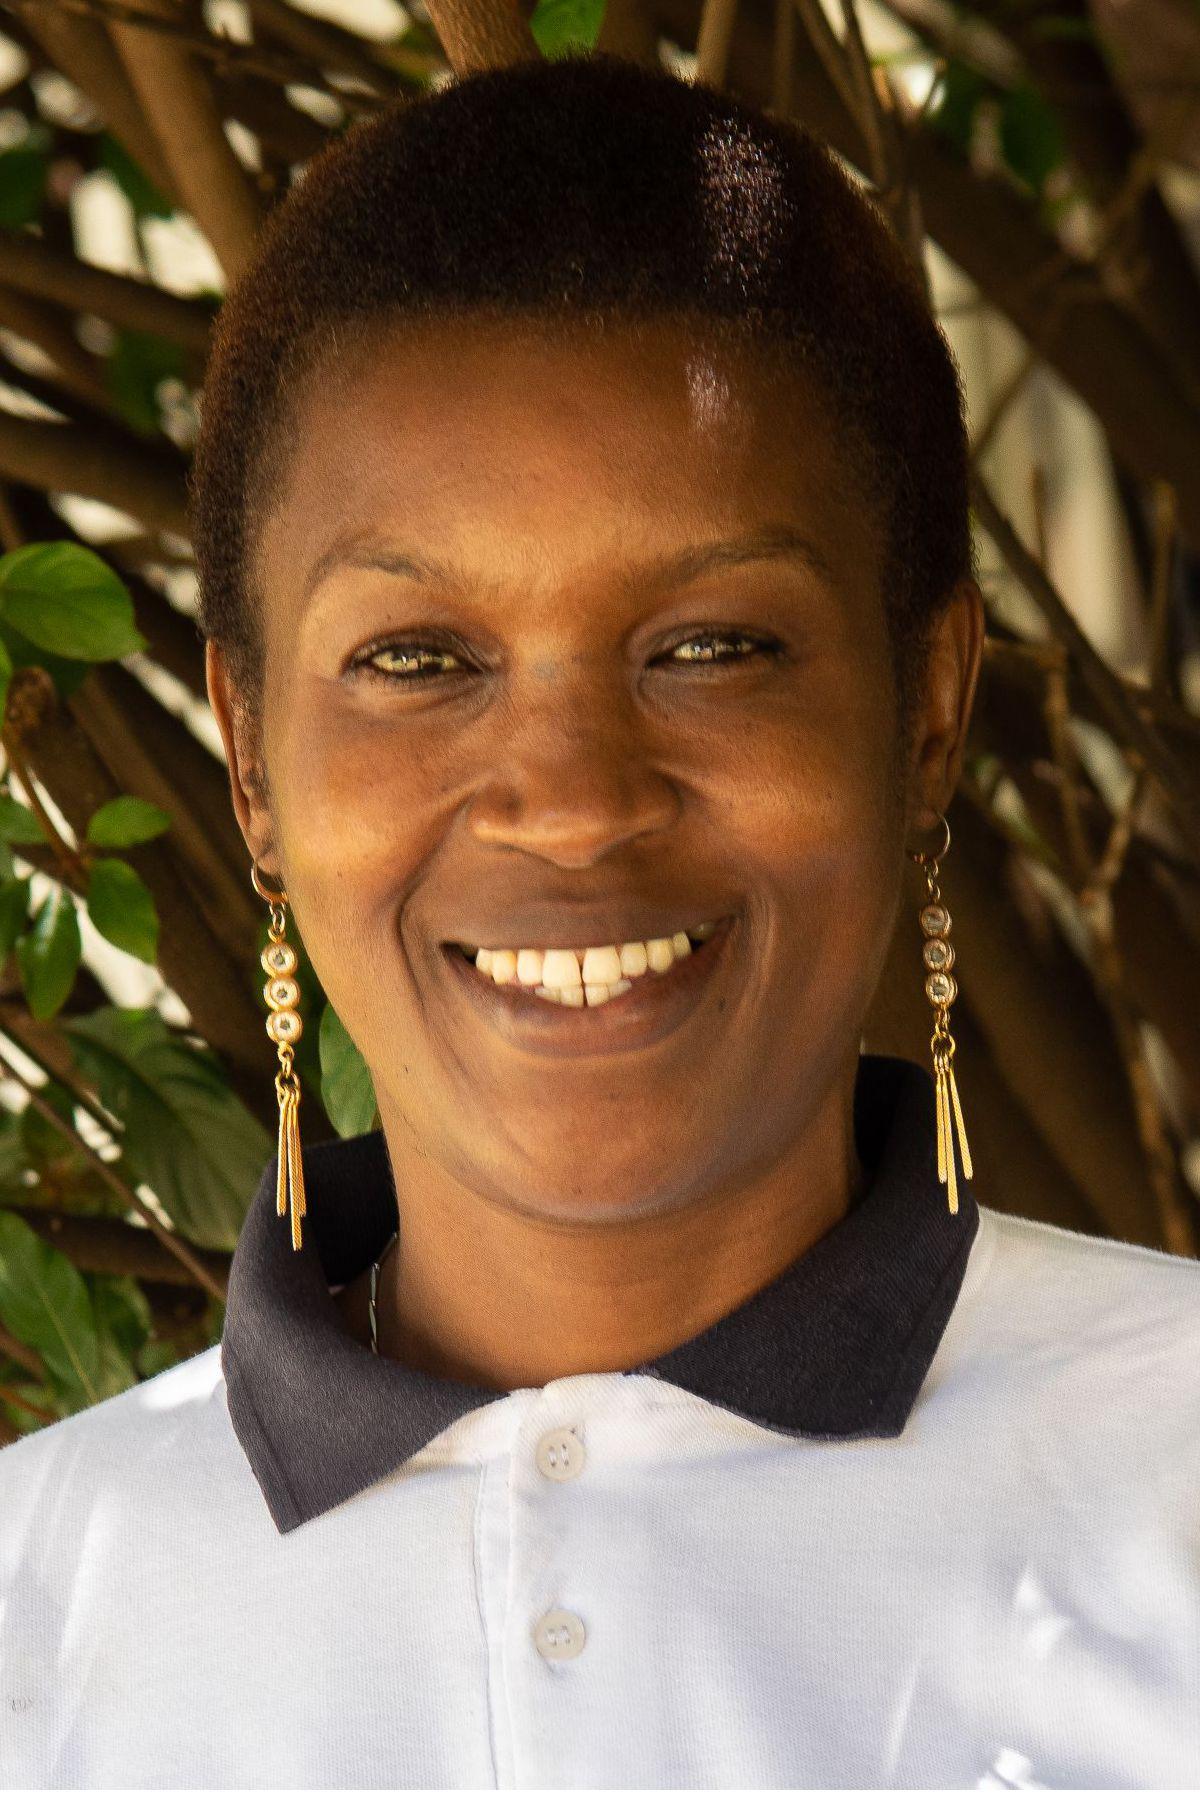 Millie Mungasia